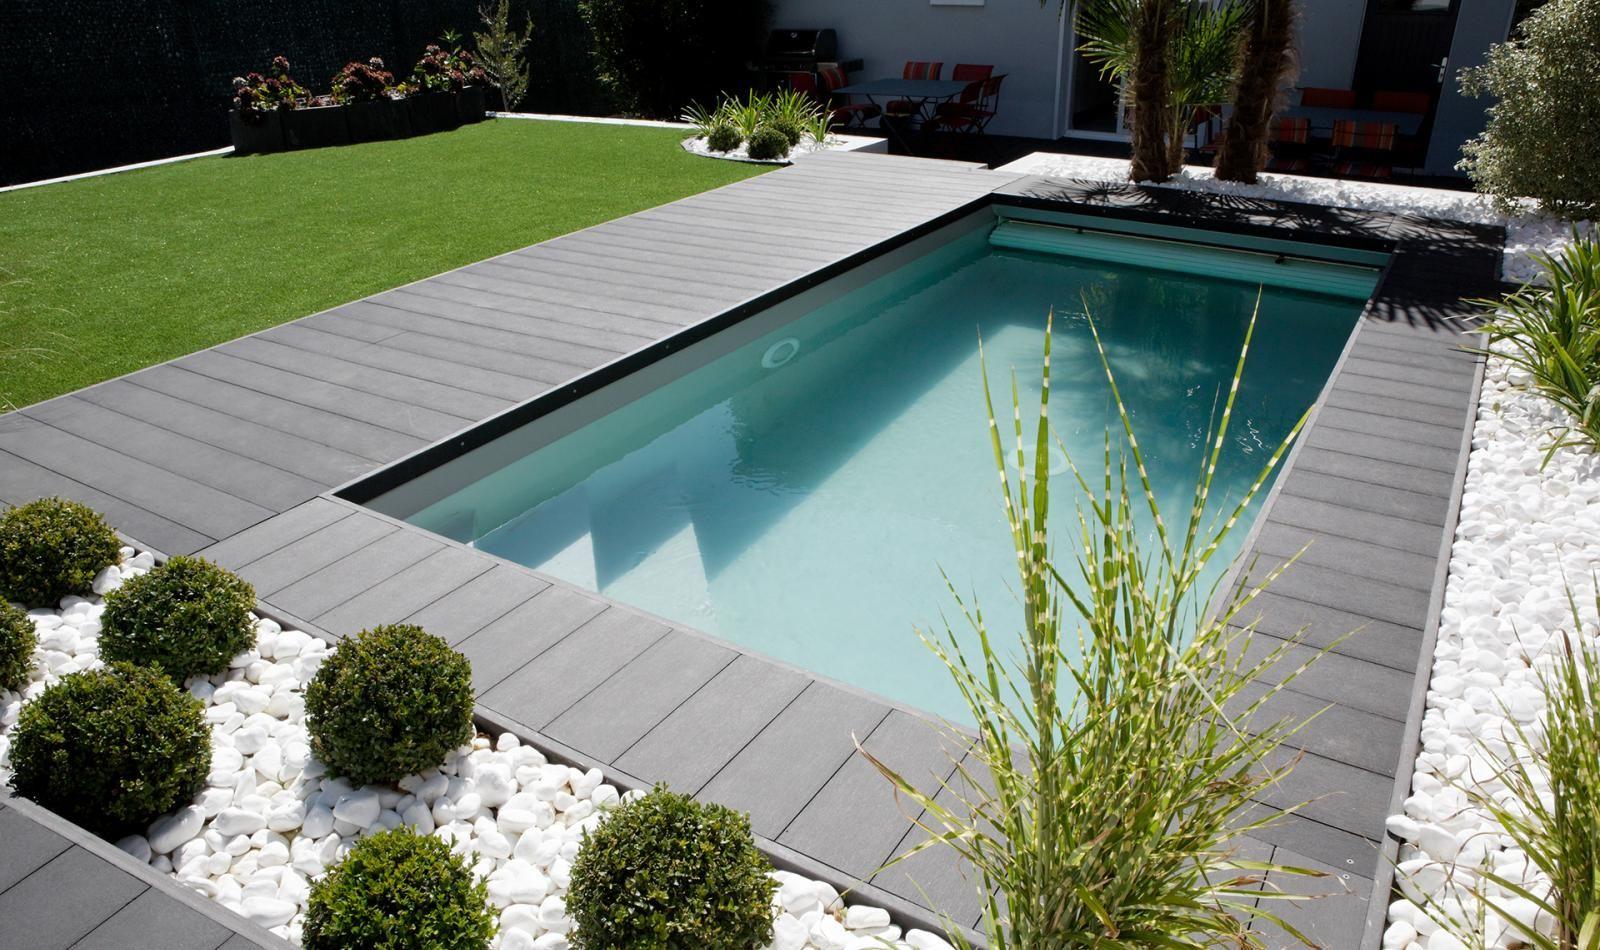 Piscine urbaine 2 2x4 5m liner gris clair smartcover Idee amenagement piscine